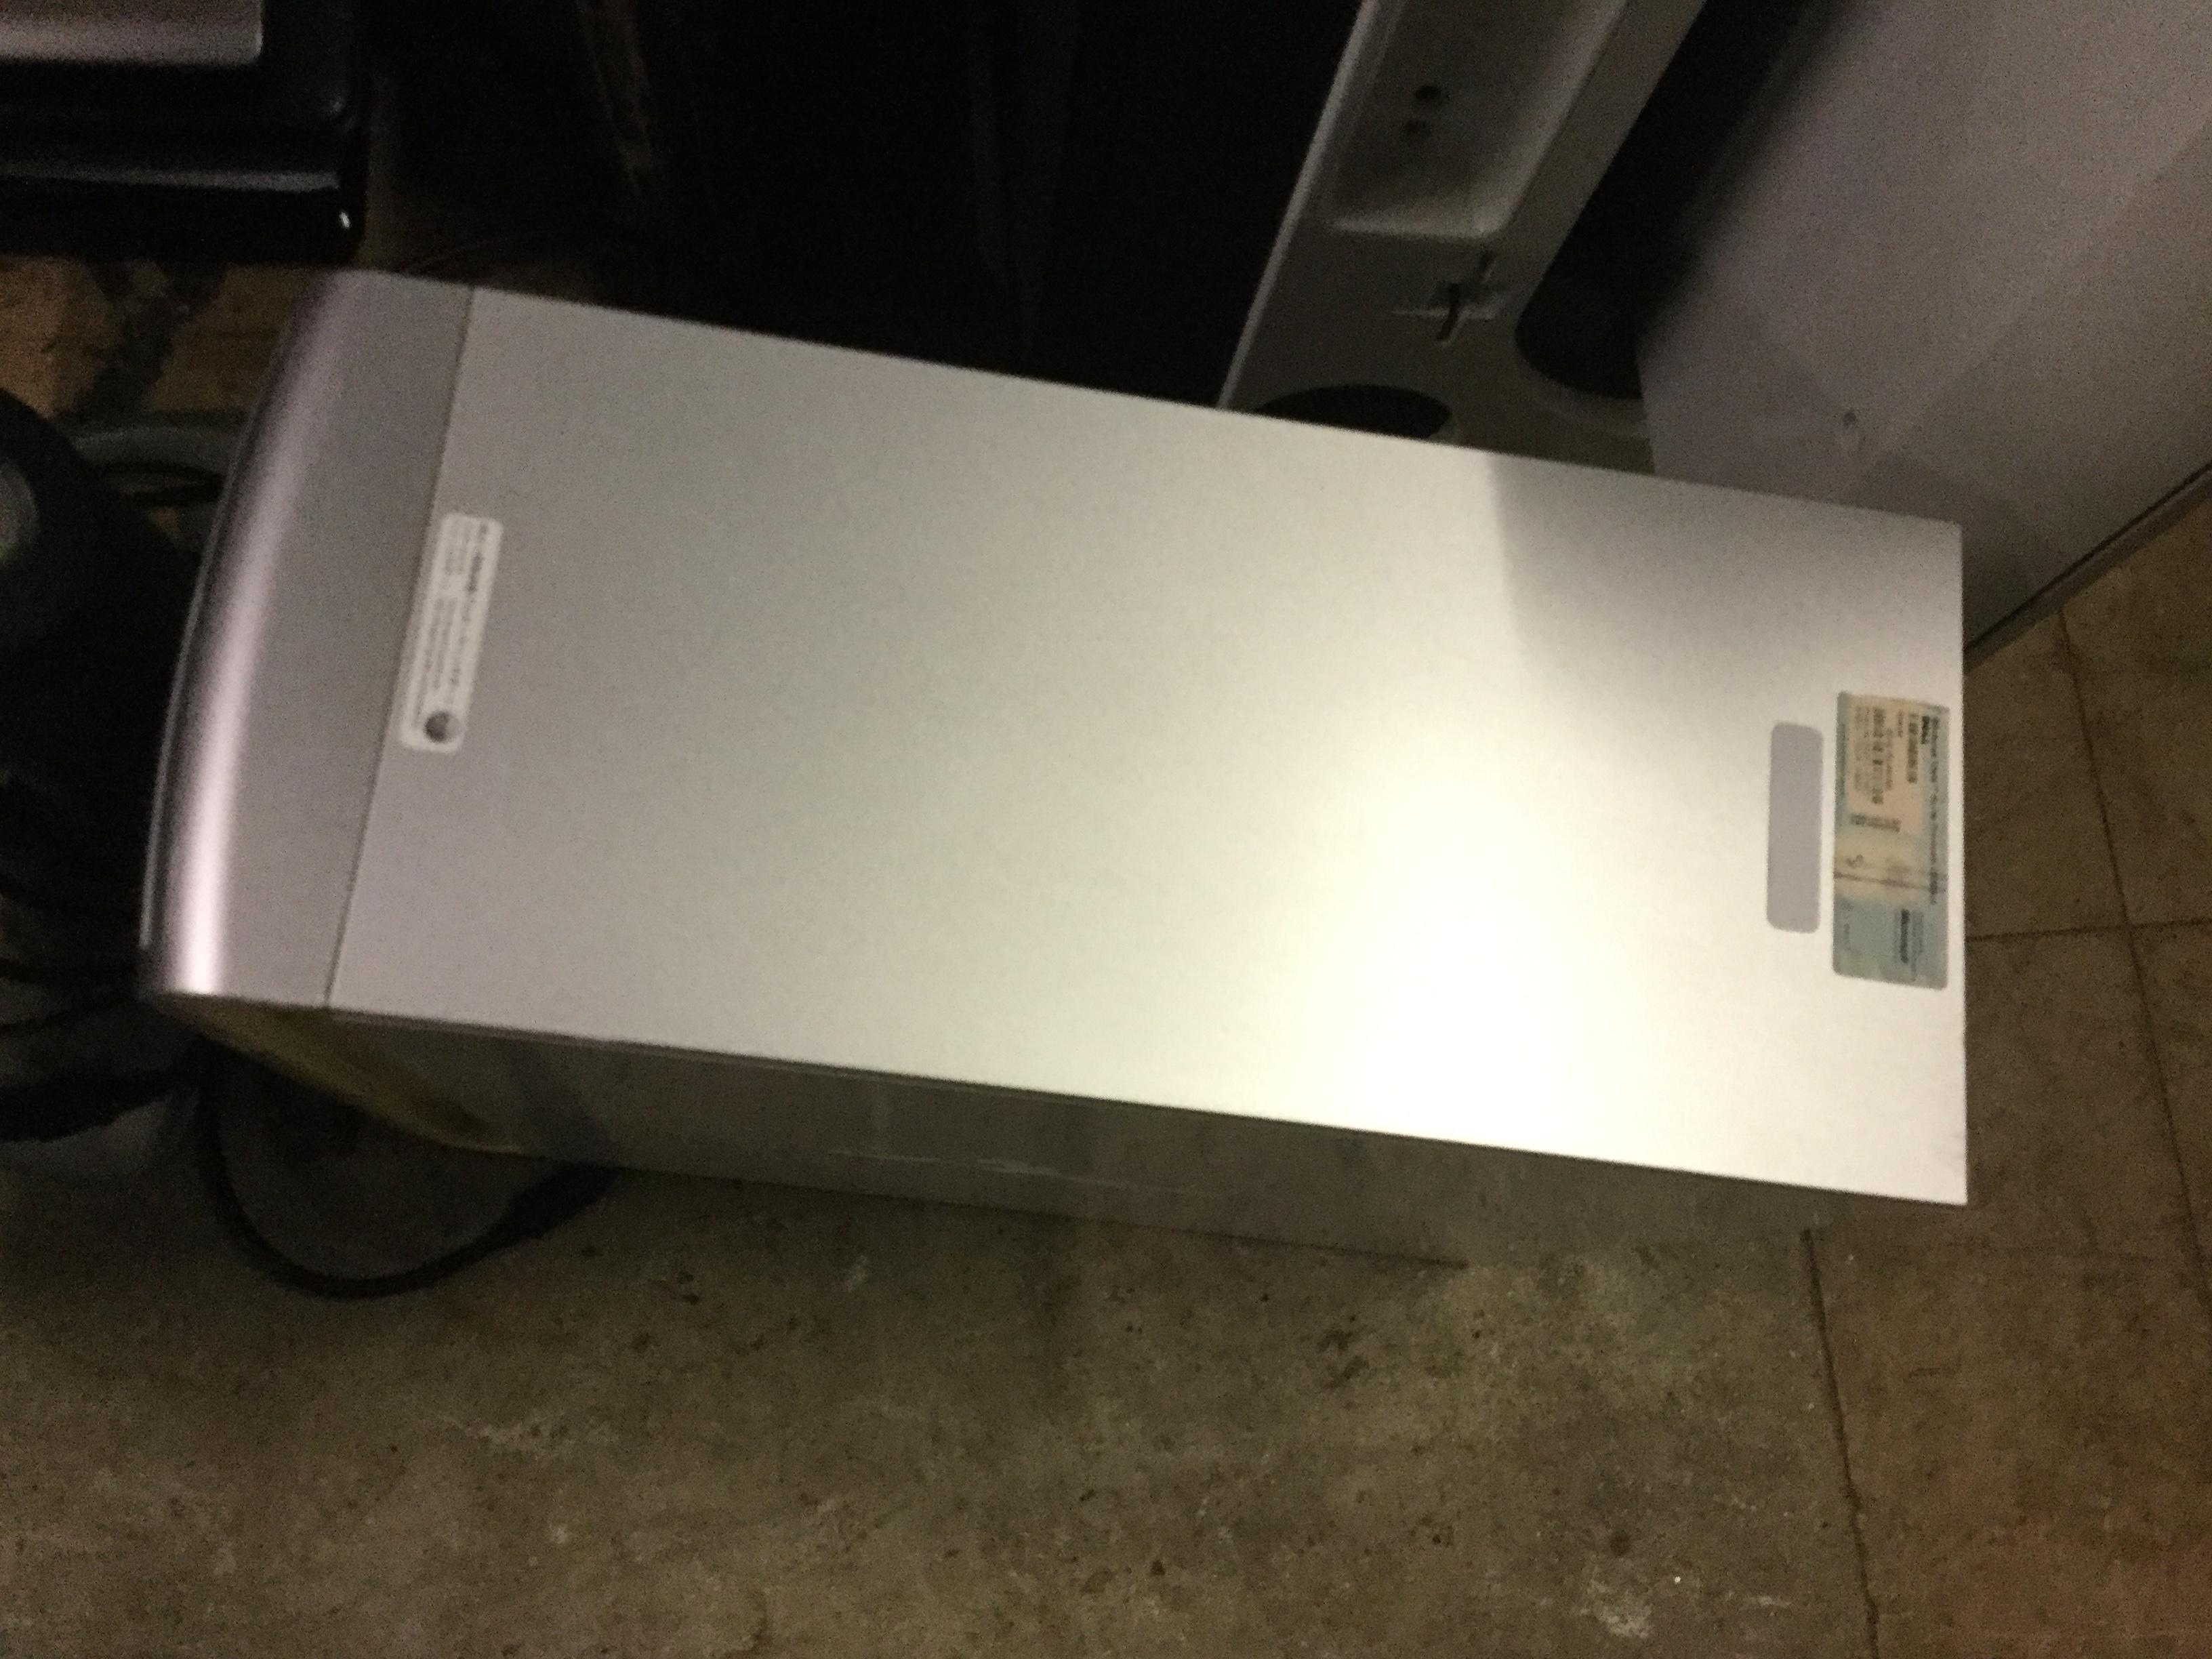 岡山市南区で回収したパソコン本体